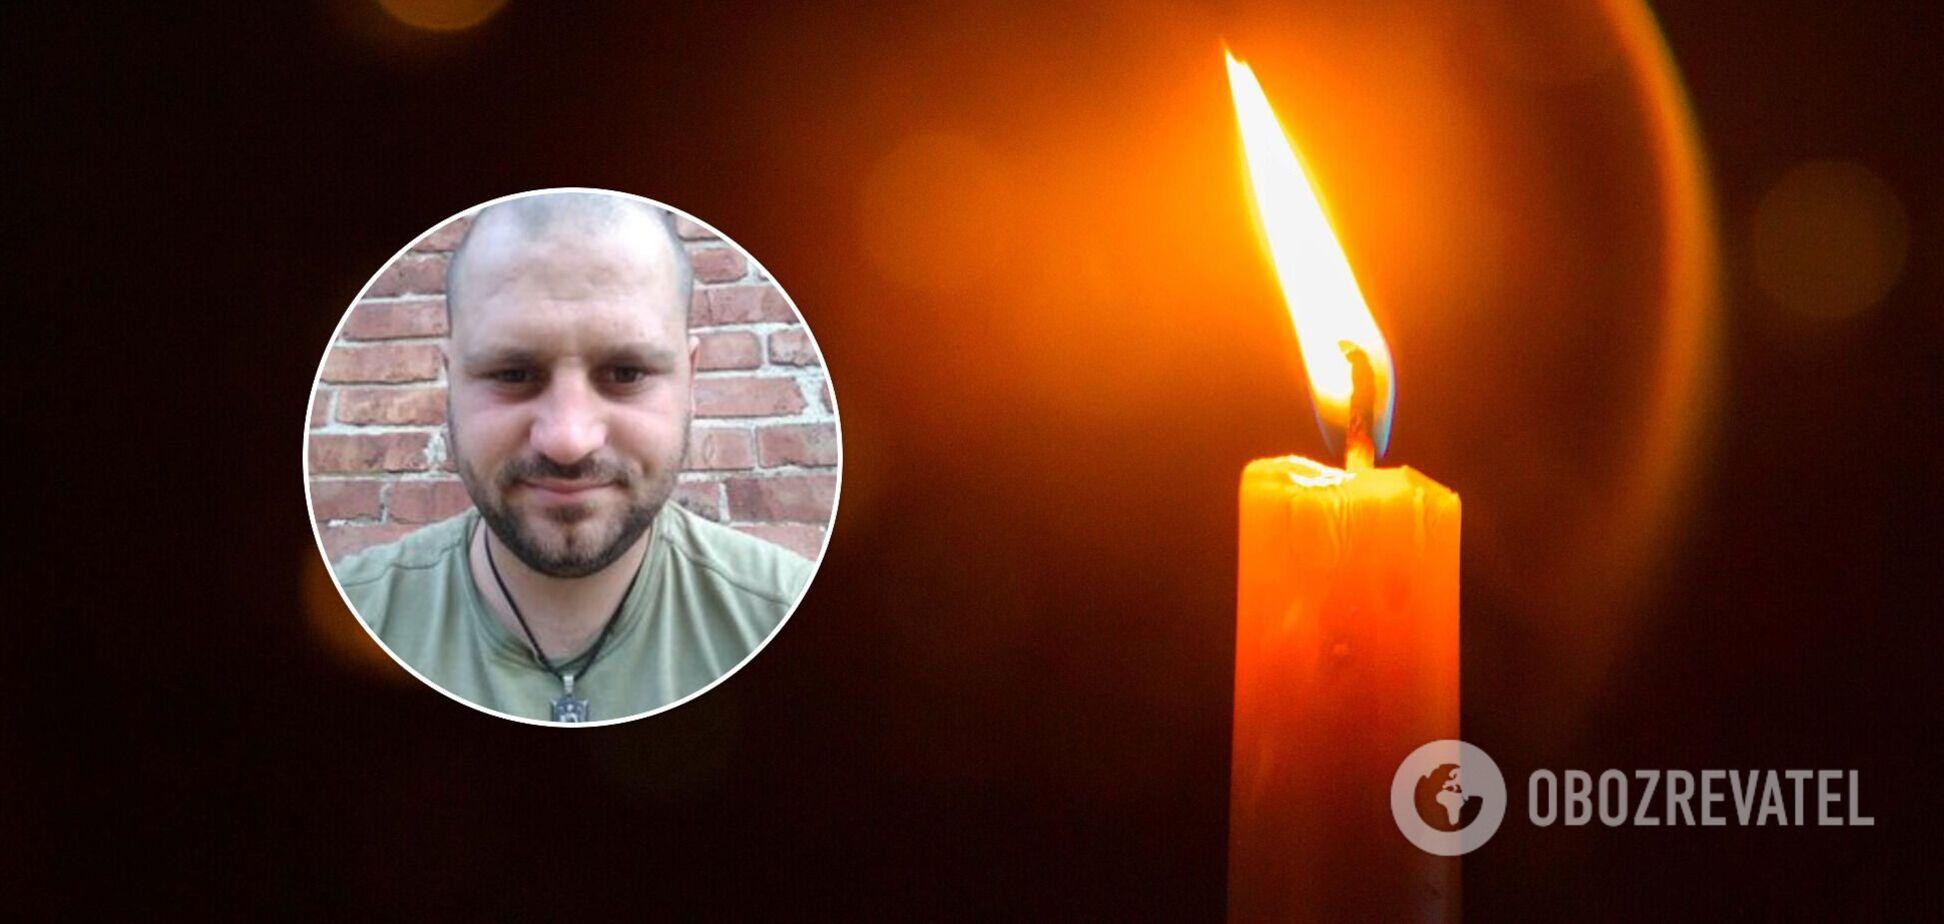 Названо имя бойца ВСУ, погибшего 30 августа на Донбассе. Фото